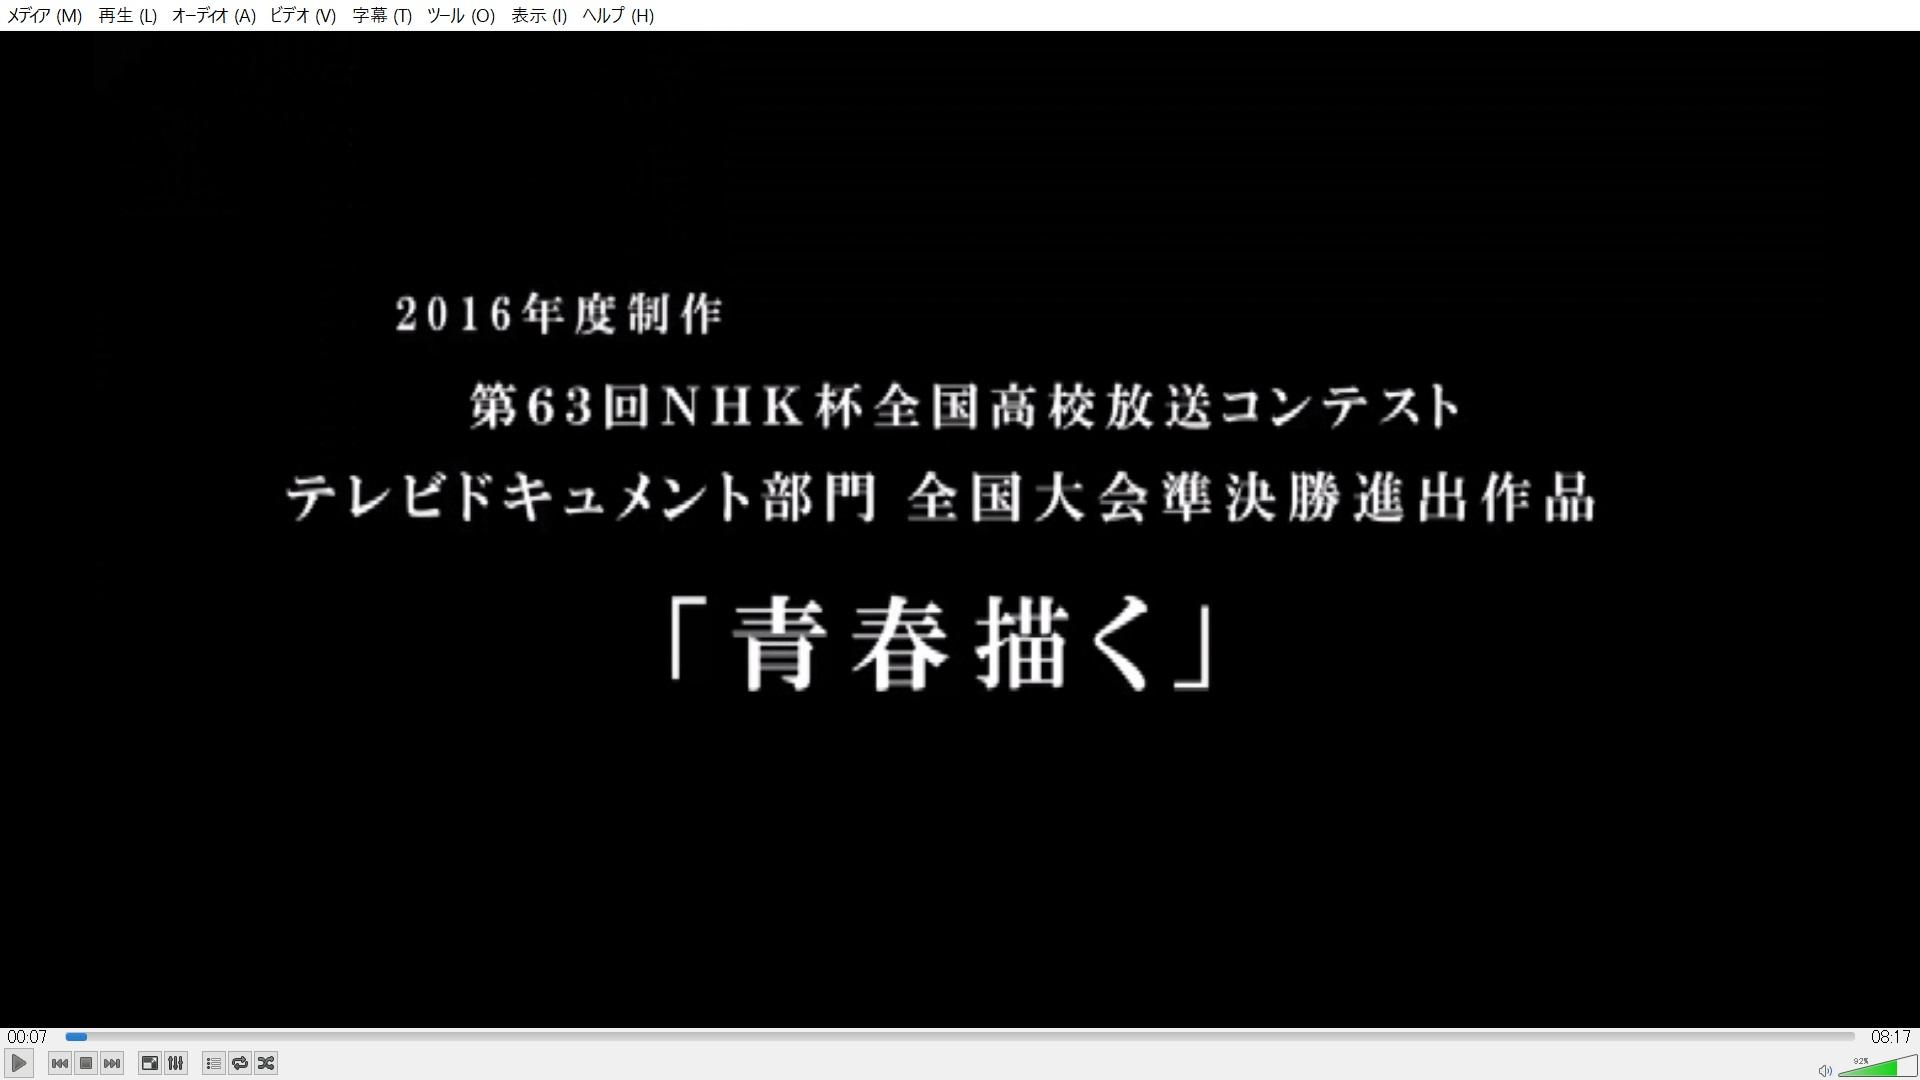 検見川高校(タイトル)